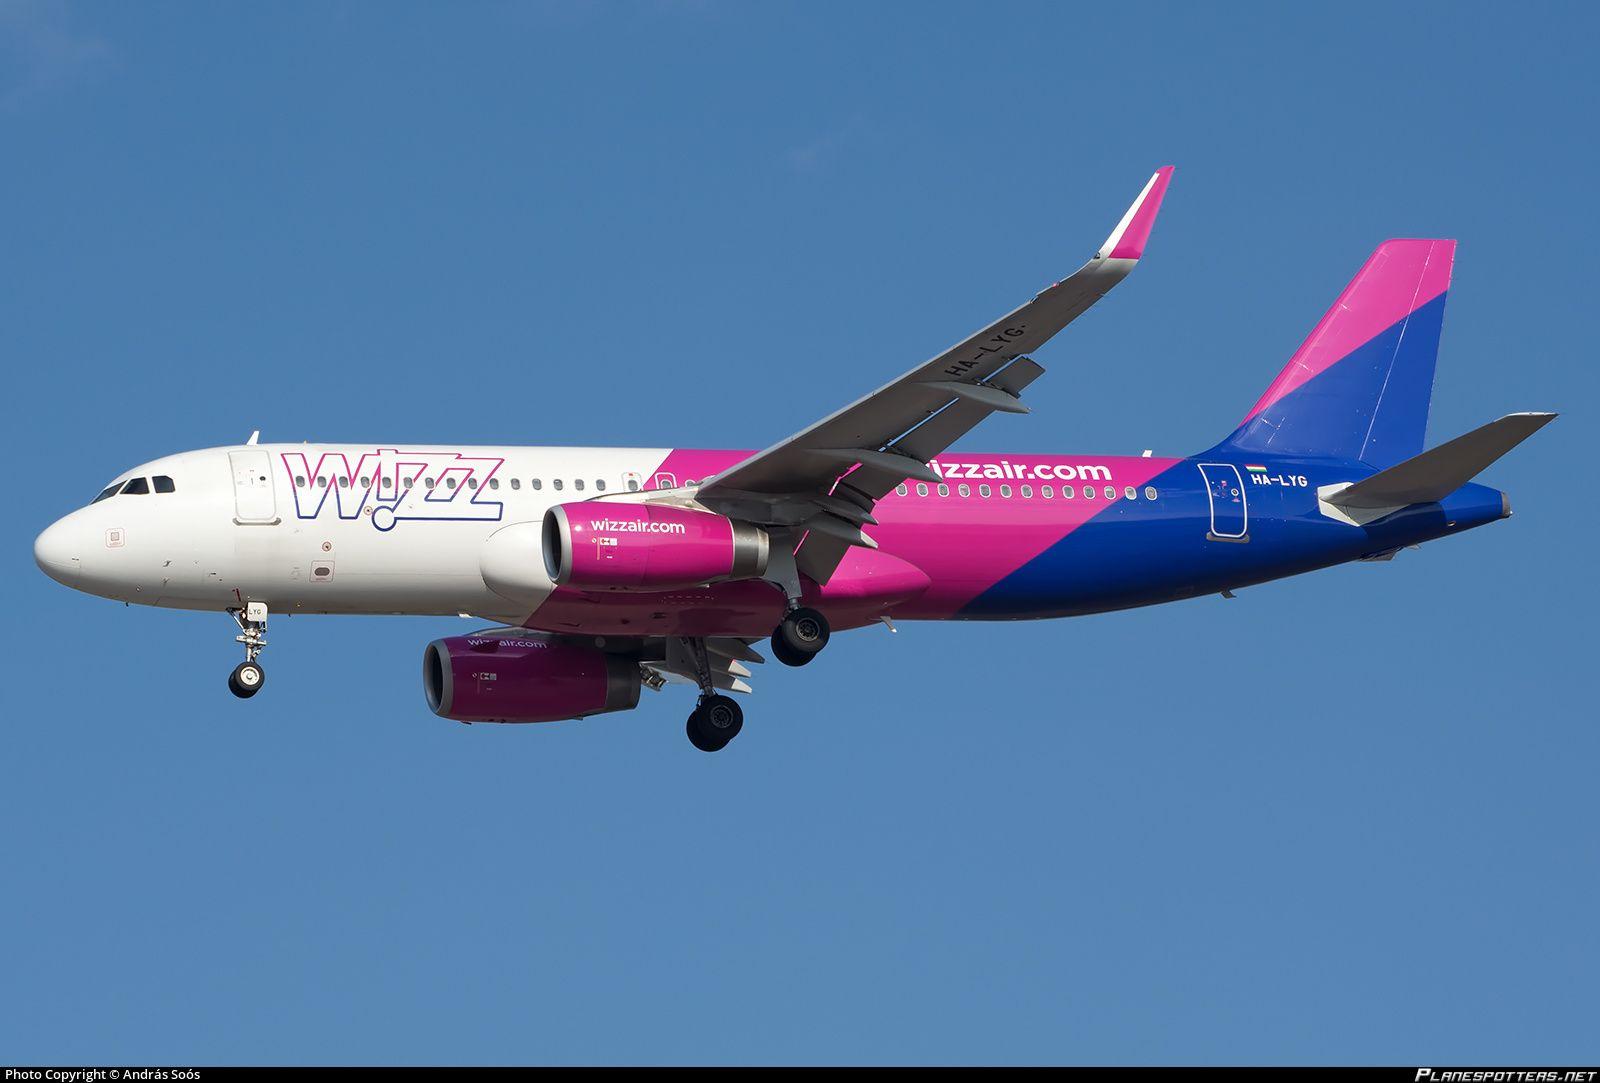 Ha Lyg Wizz Air Airbus A320 232 Wl Airbus Air Aircraft